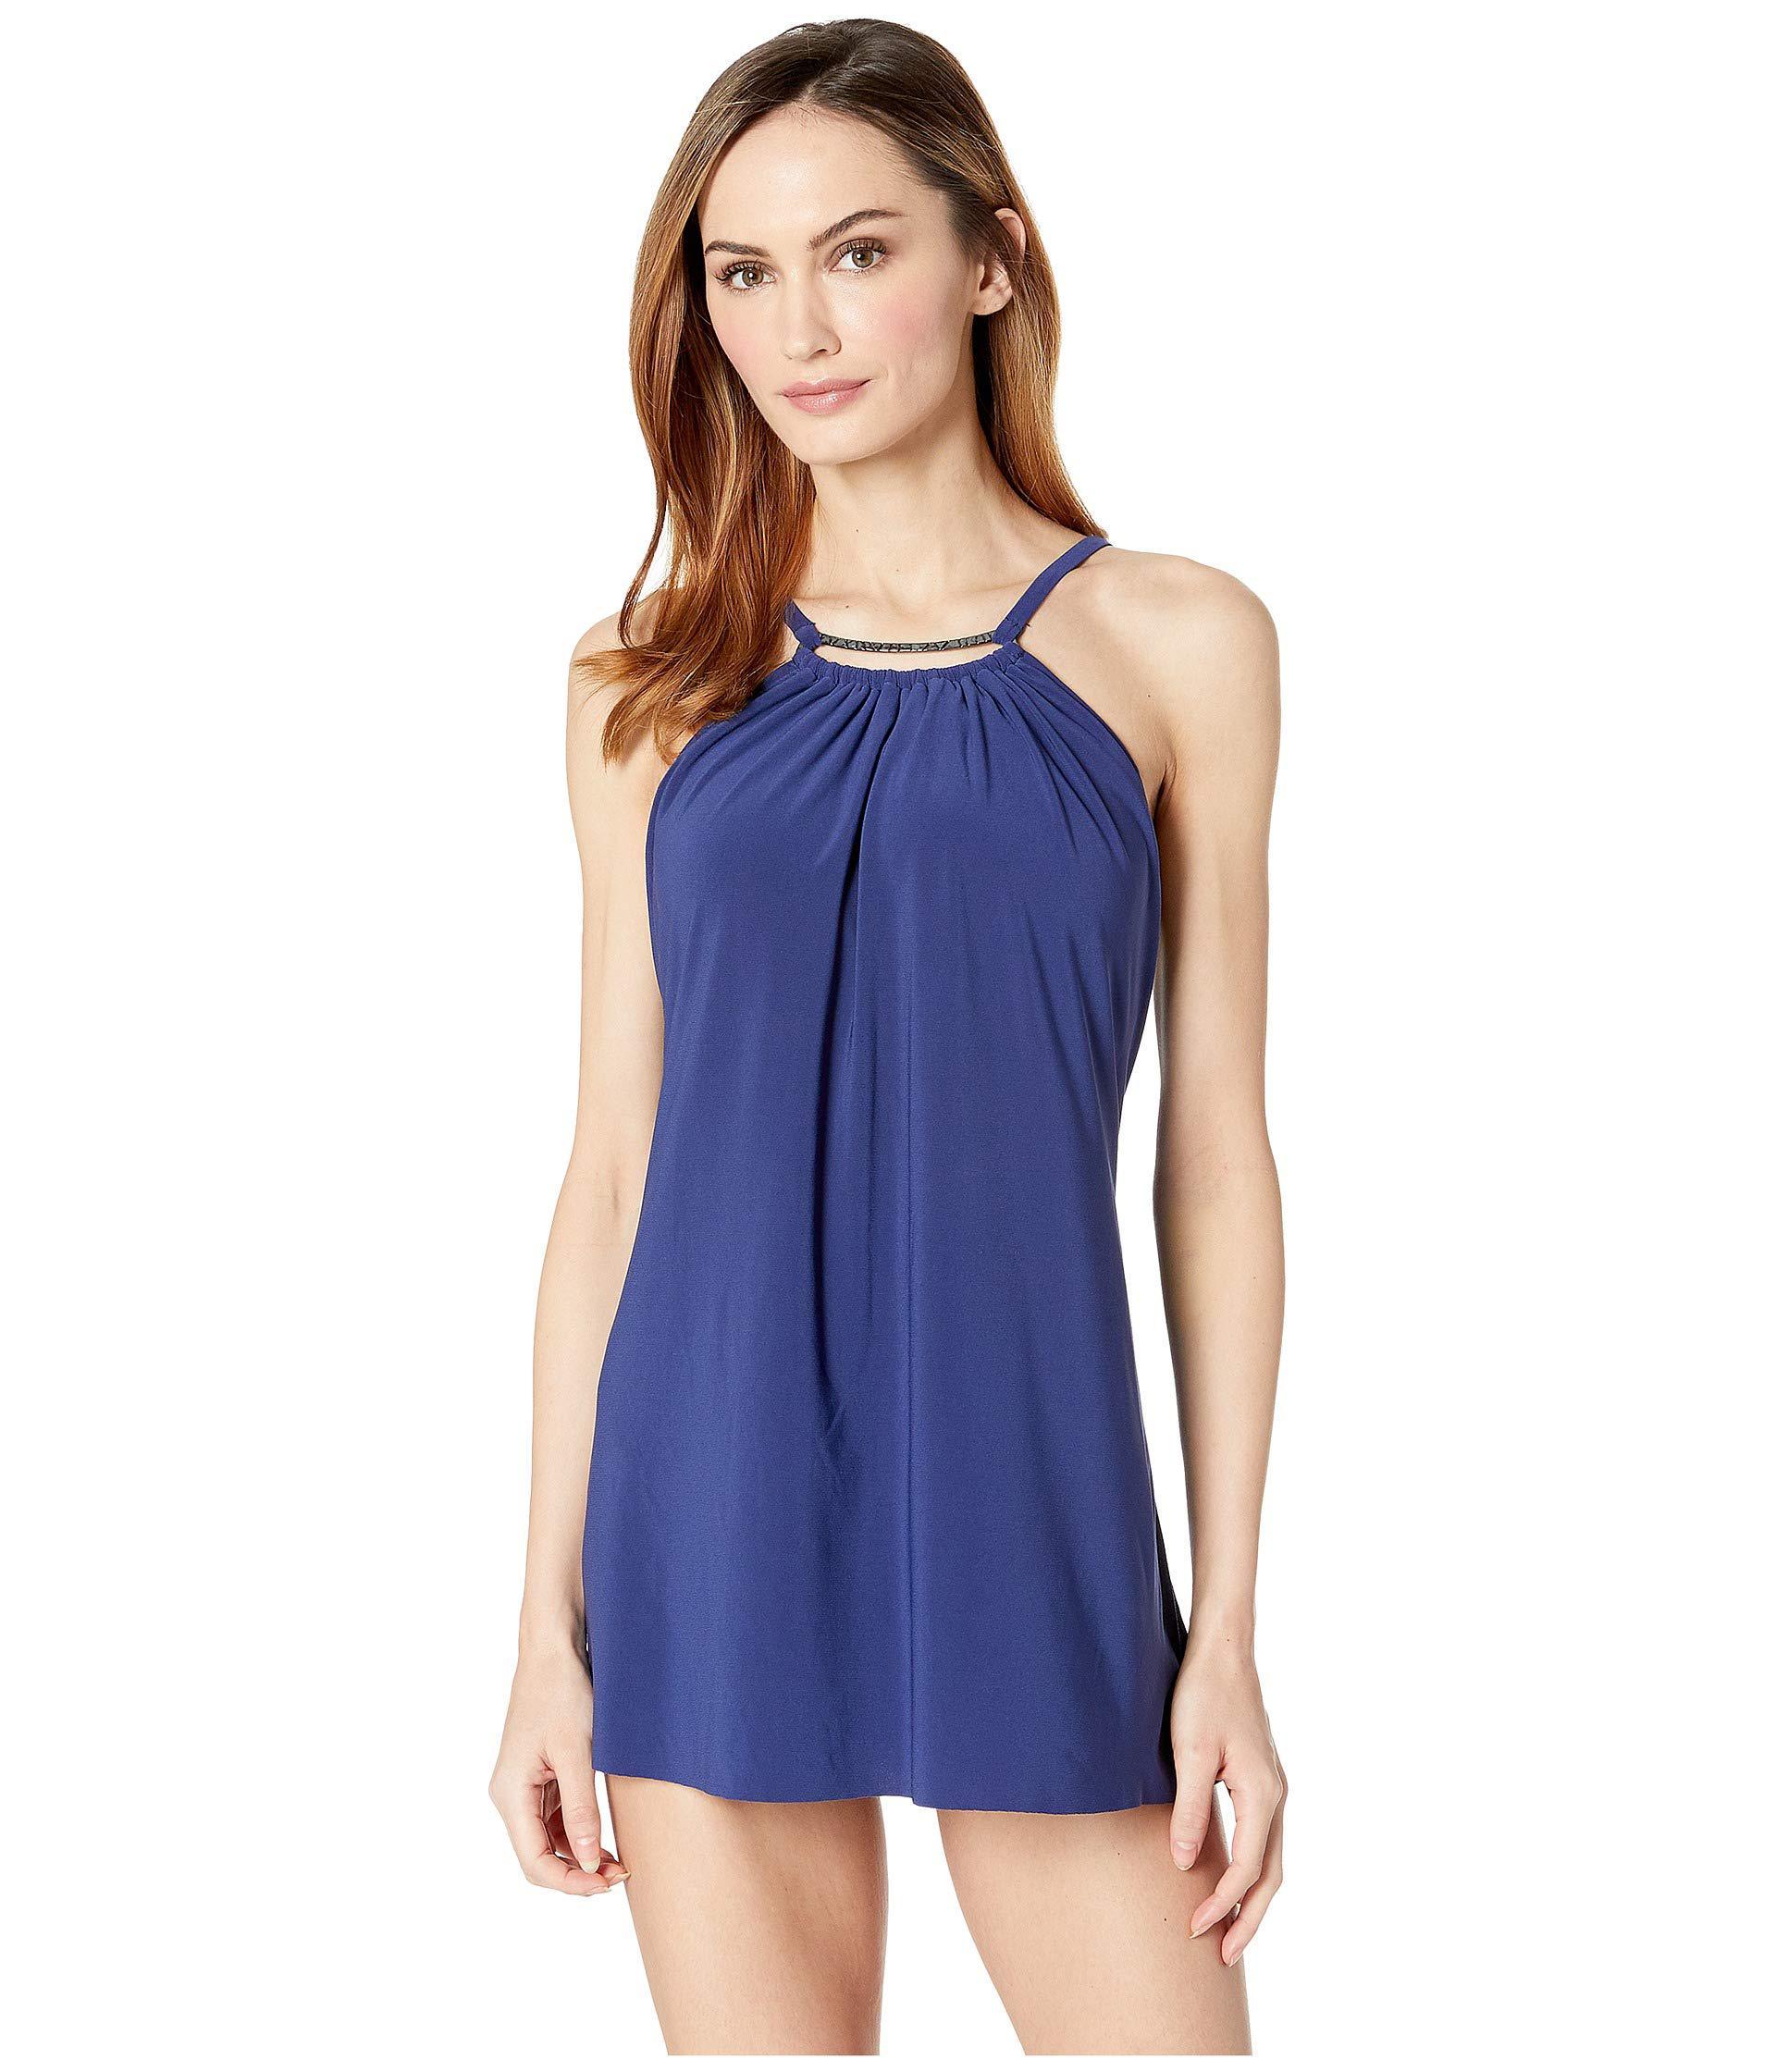 3e23c65ffb8dc Magicsuitr - Blue Solid Parker Swimdress One-piece (black) Women's  Swimsuits One Piece